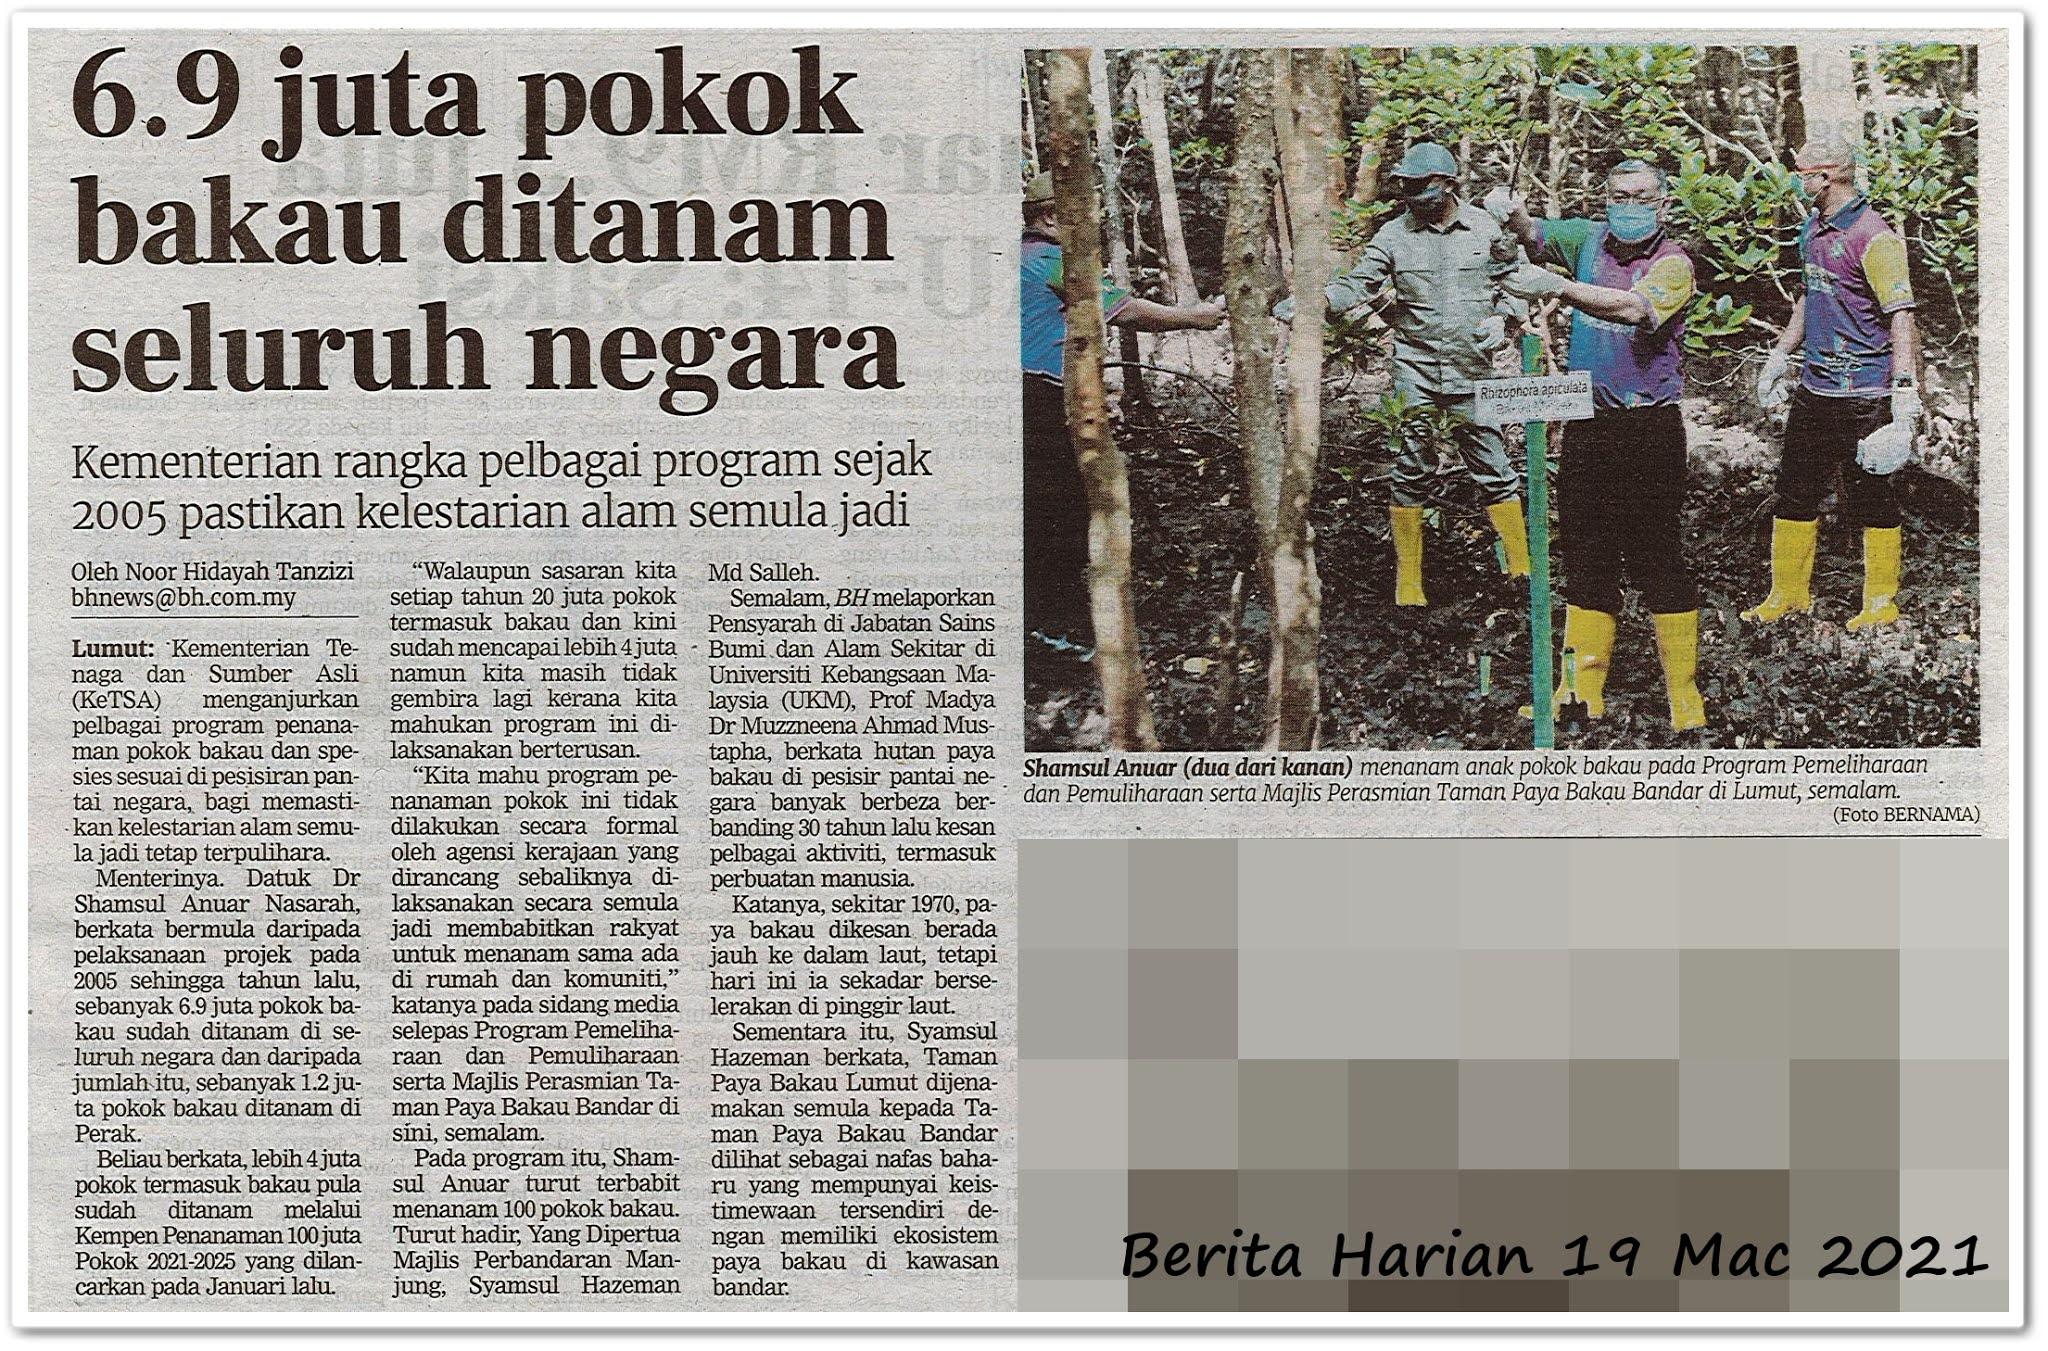 6.9 juta pokok bakau ditanam seluruh negara - Keratan akhbar Berita Harian 19 Mac 2021